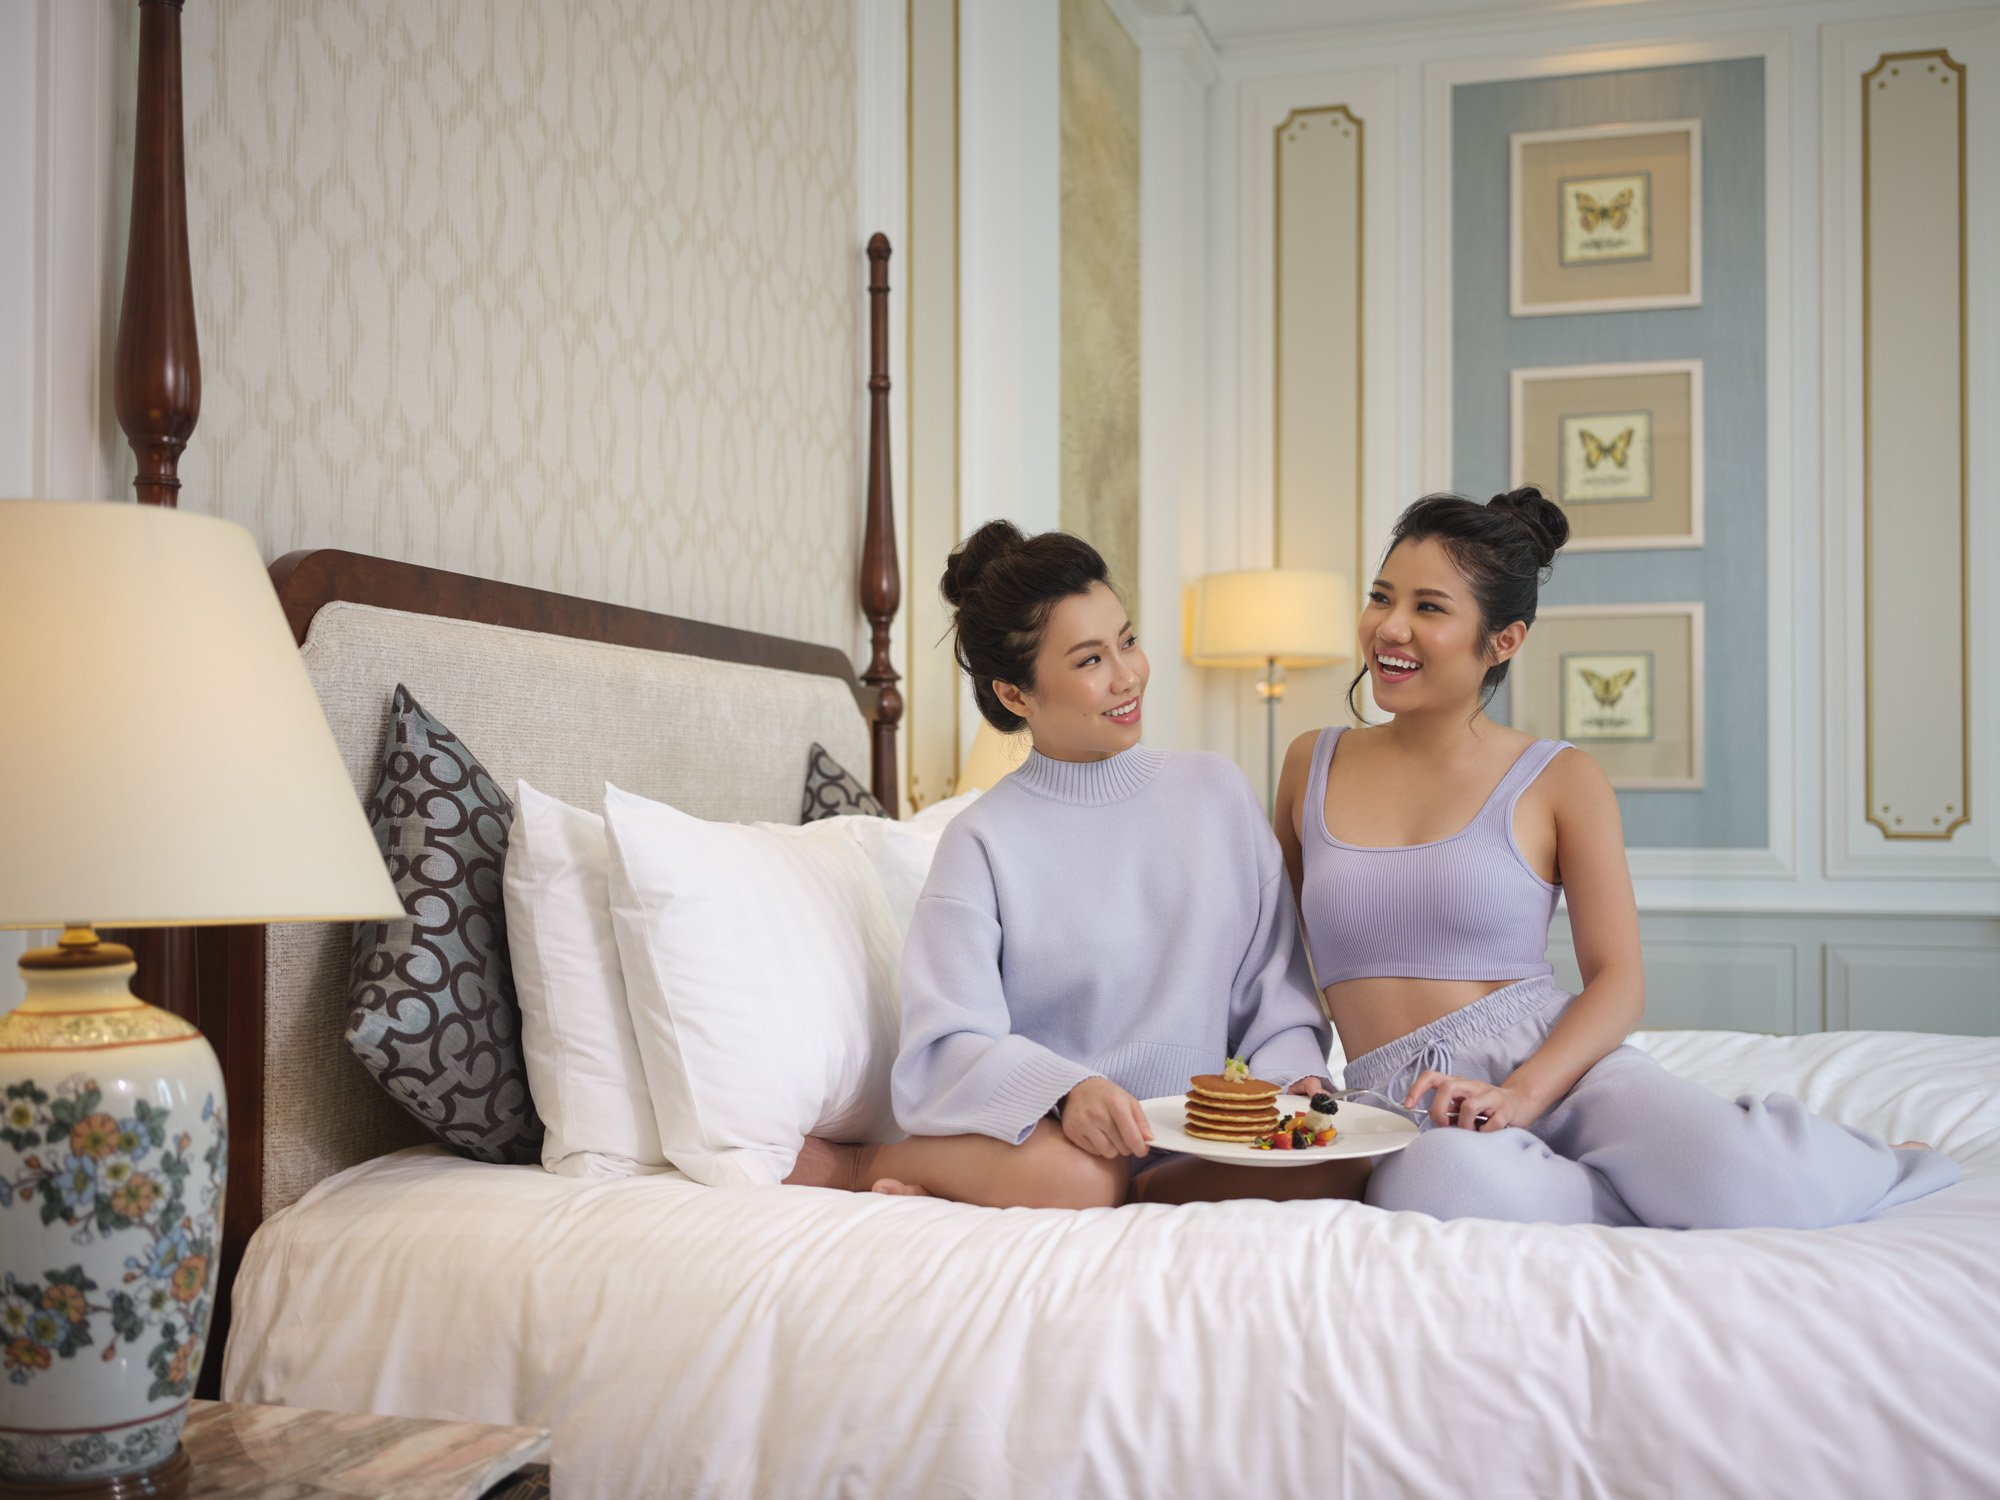 Intercontinental Singapore Hospitality Commercial Lifestyle Photoshoot Jose Jeuland 11